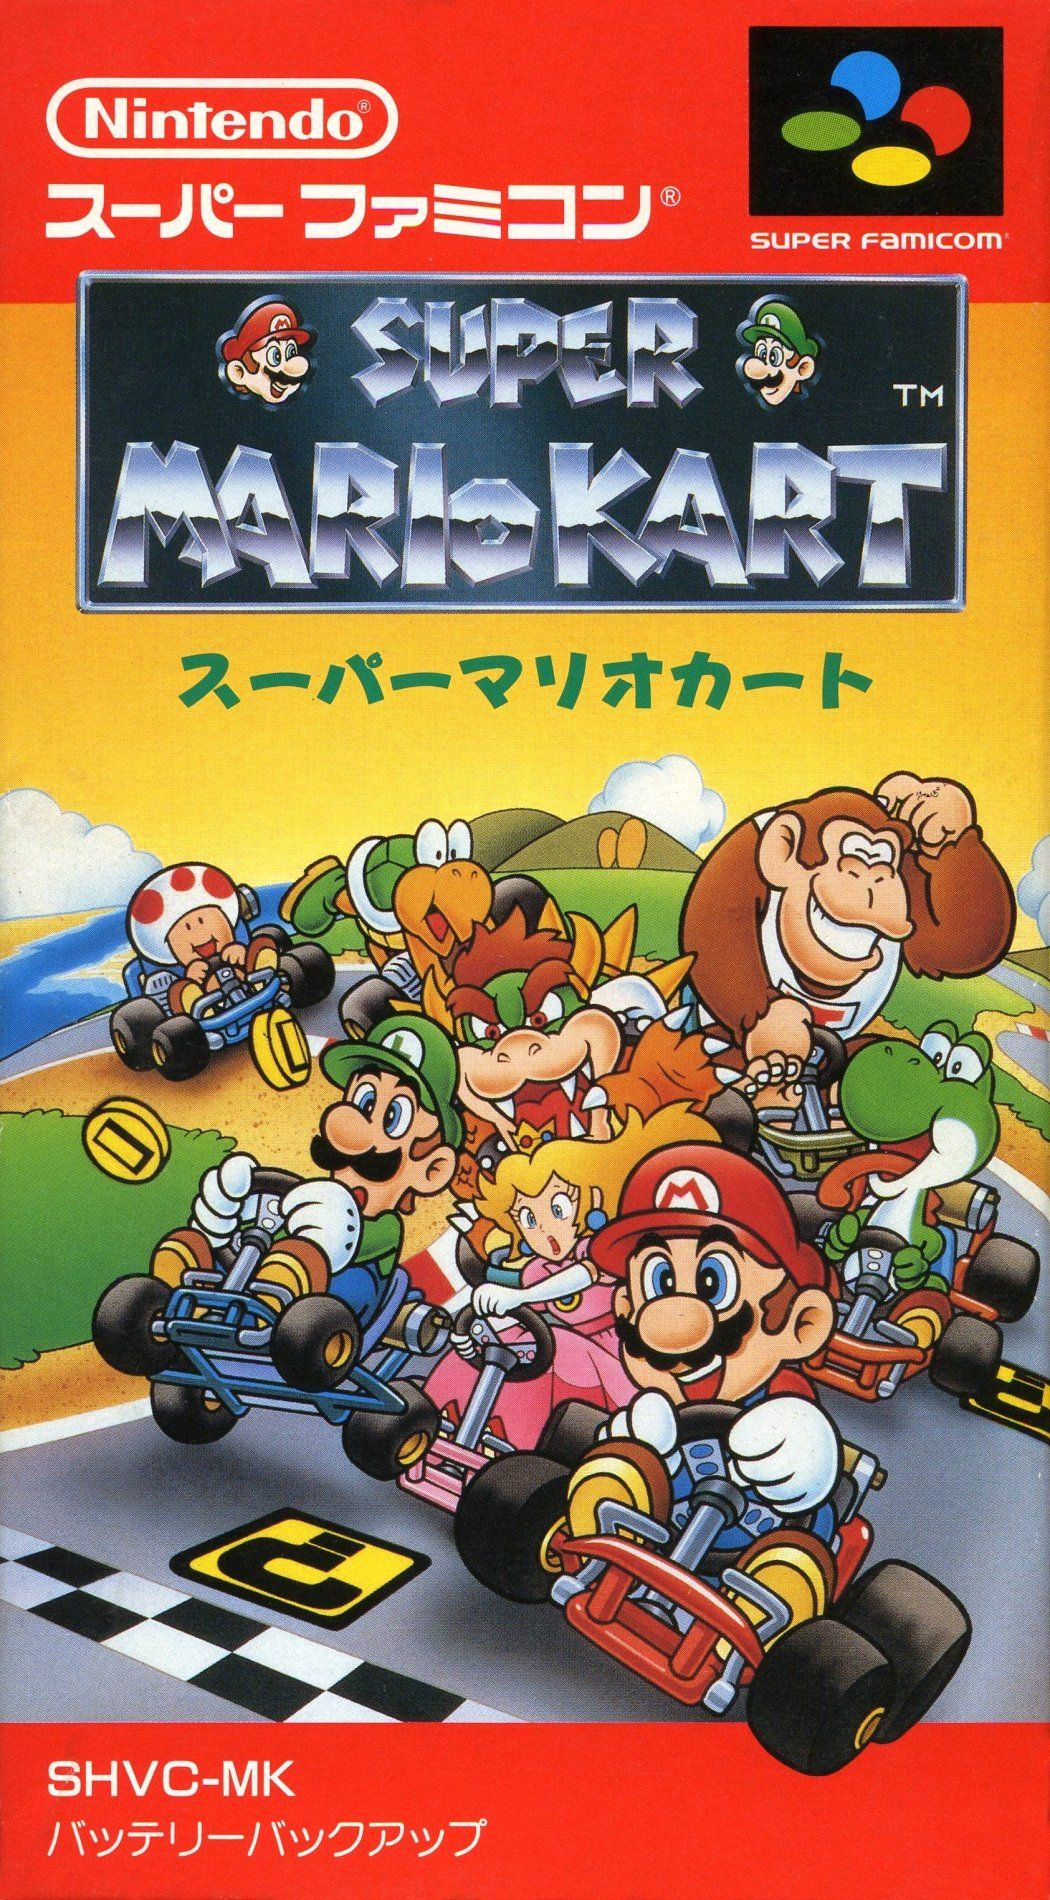 Super Mario Kart Super Famicom Box Cover Art Snes Nintendo